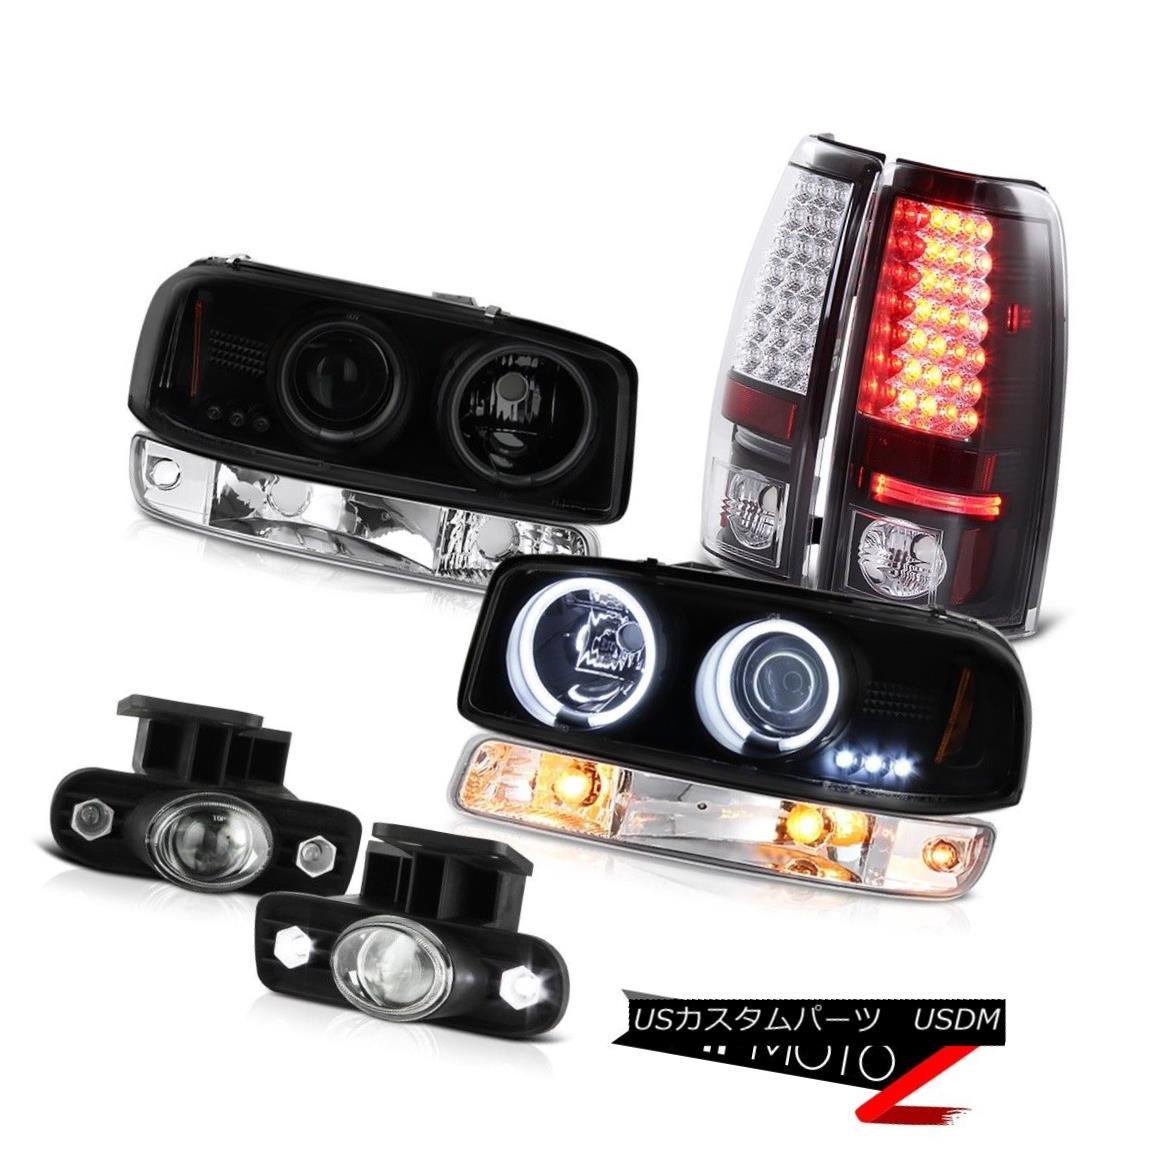 テールライト 99-02 Sierra SL Euro chrome foglights led taillamps bumper light ccfl headlamps 99-02シエラSLユーロクロームフォグライトはテールランプバンパーライトccflヘッドランプを導いた